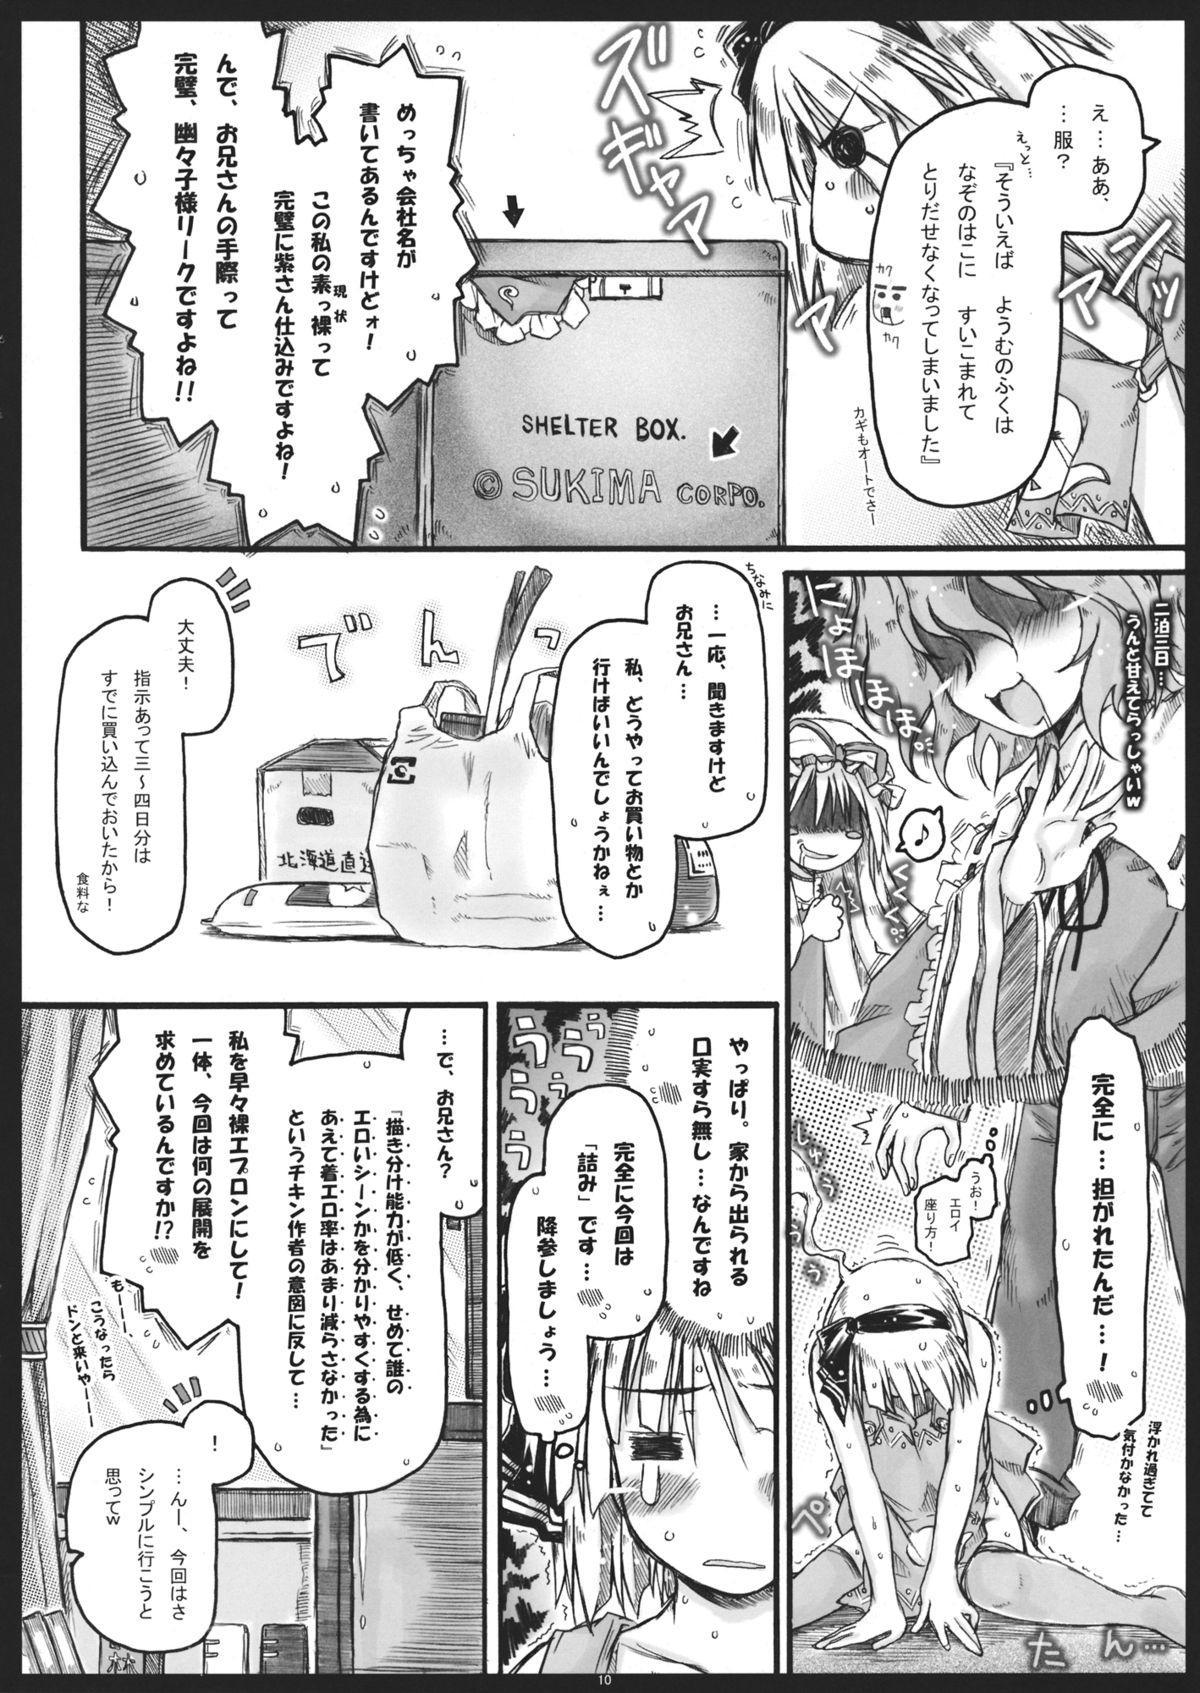 Myon na Kayoizuma 5 Yome, Mui chai mashita. 8